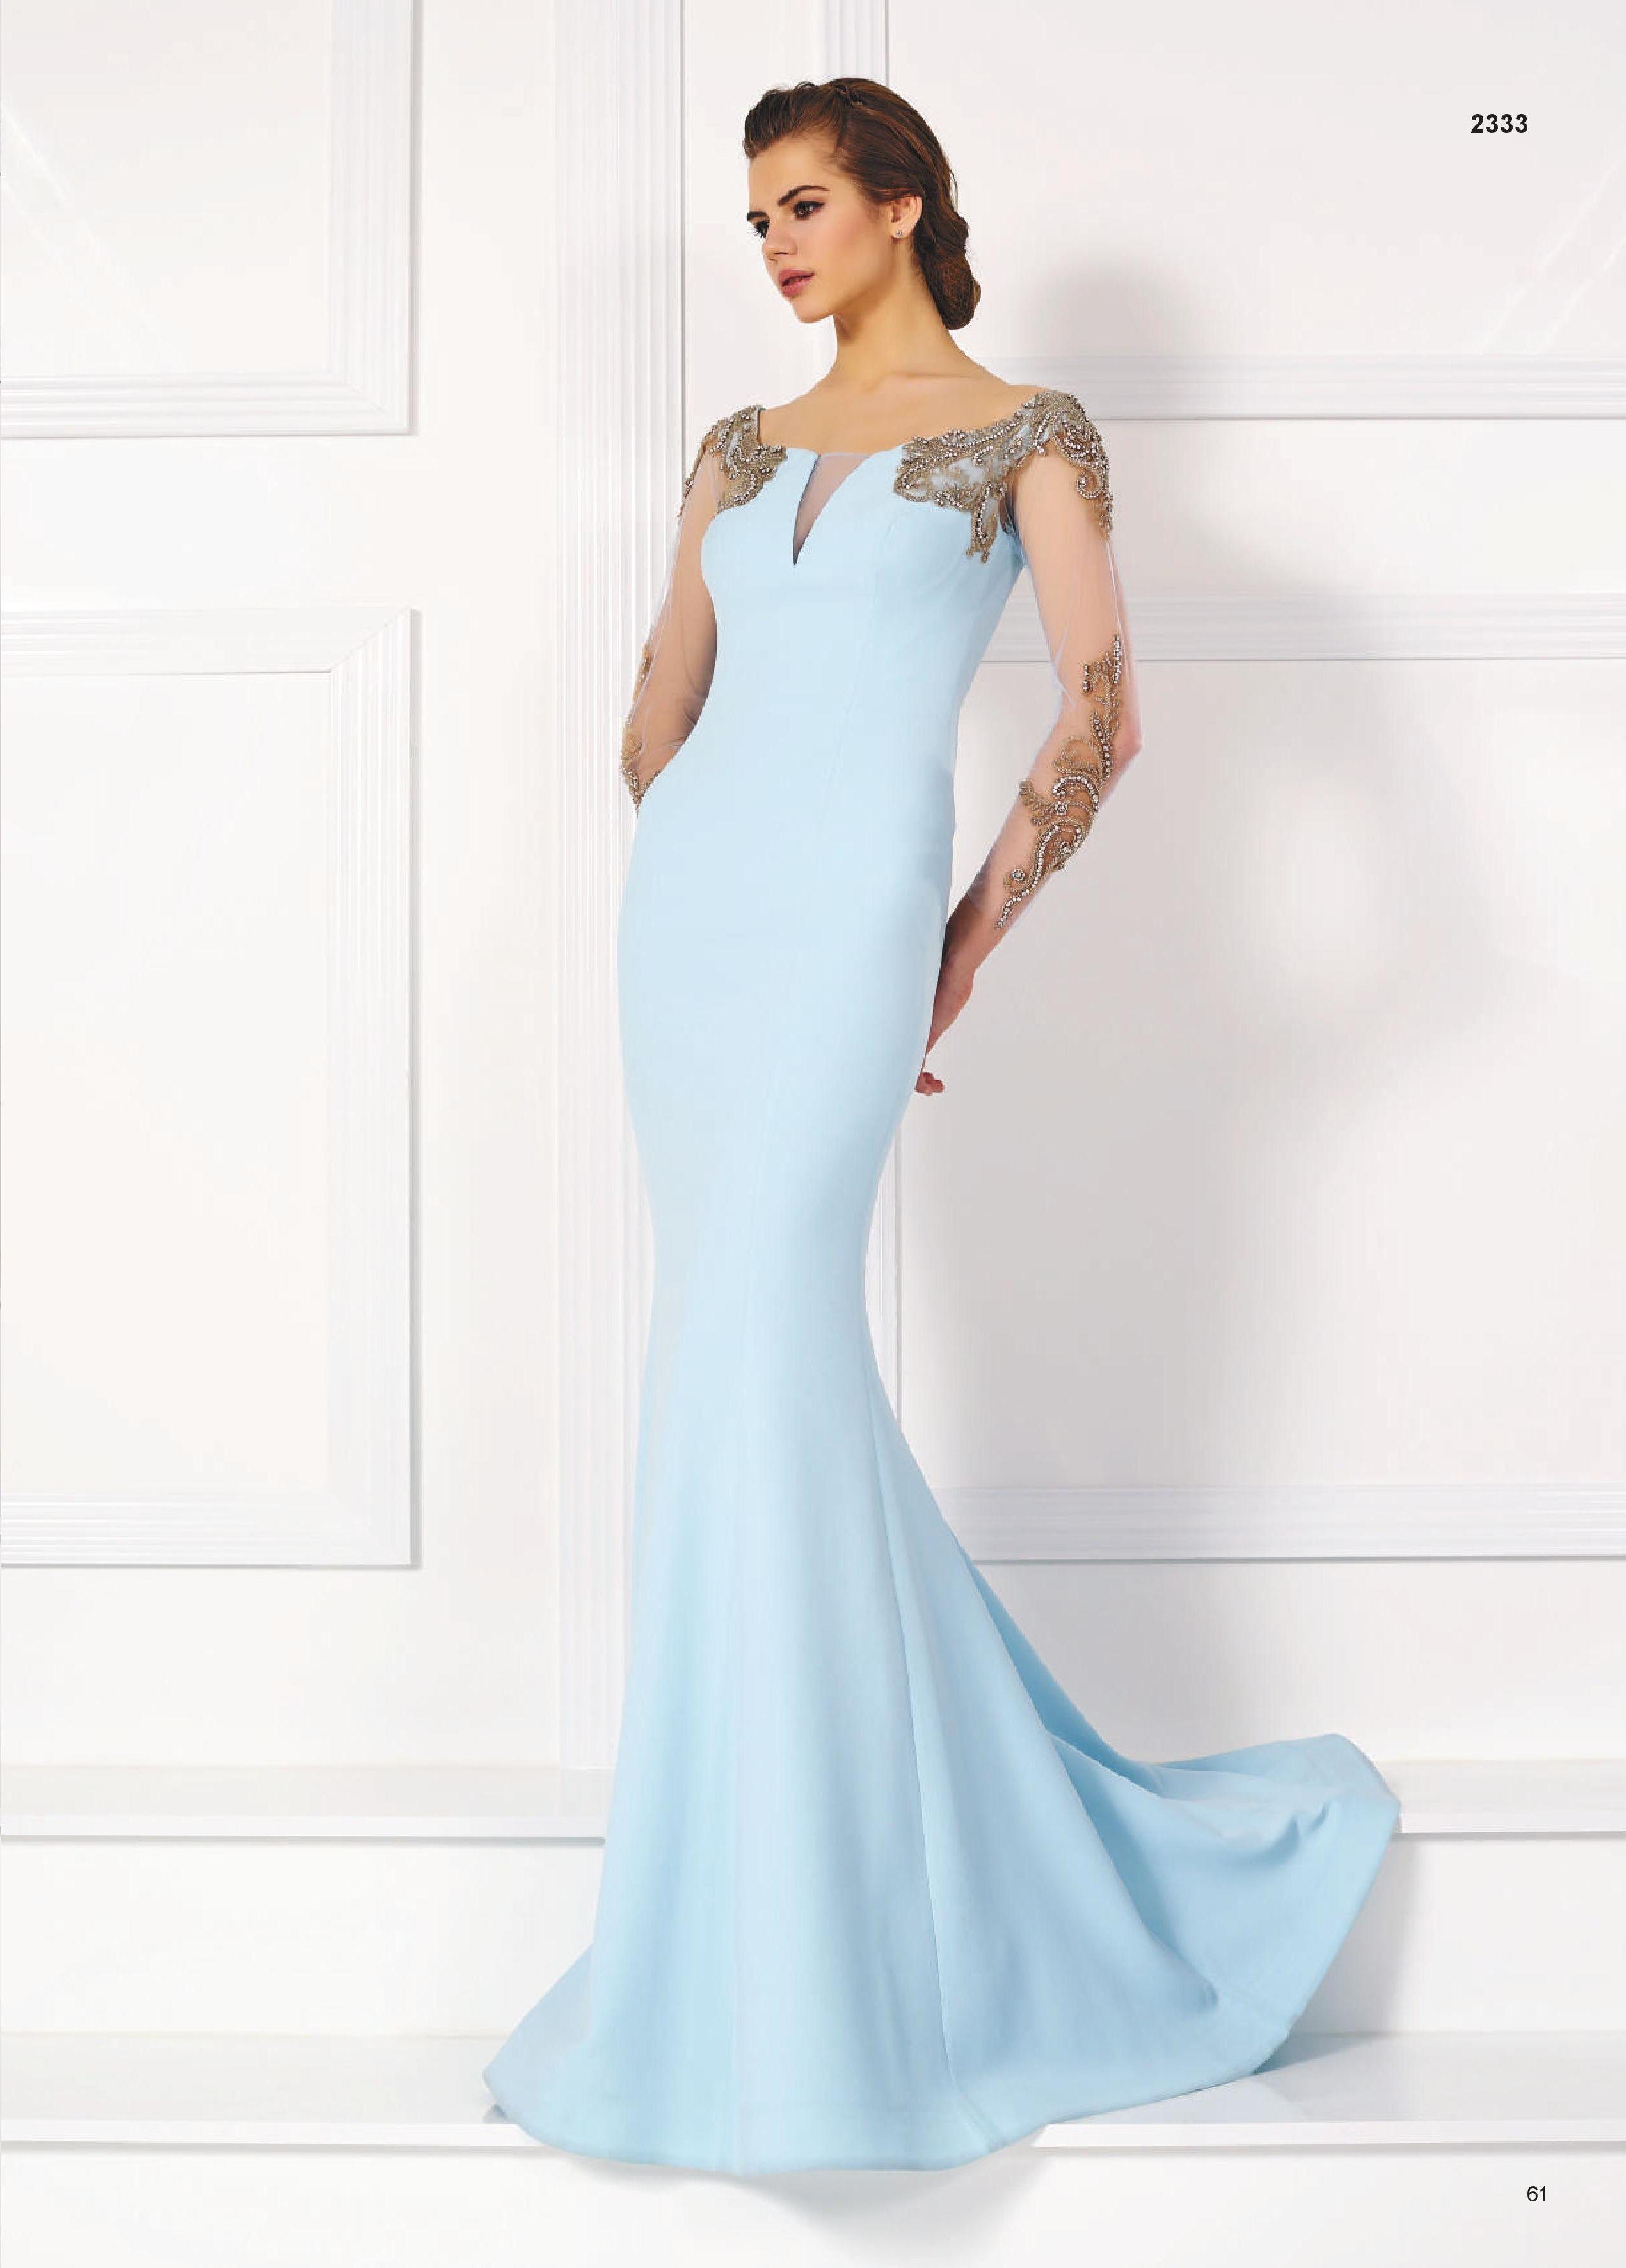 d97130bd4be72 nişantaşı moda evleri abiye, nişantaşı abiye butikleri, abiye mağazaları,  nişantaşı abiye kıyafetler,